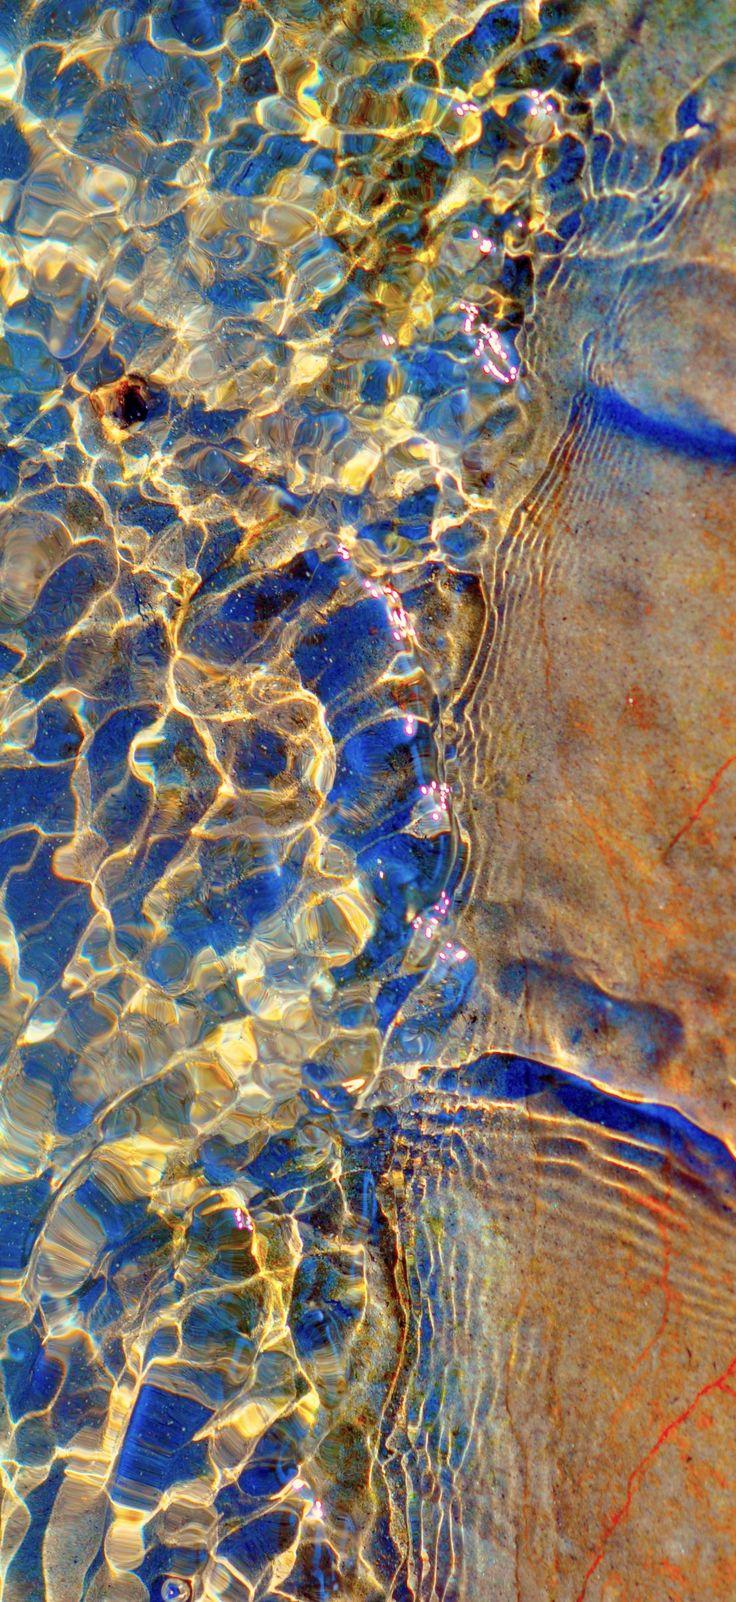 Más tamaños   Abstract Realism: Sunlit Stream on the Oregon Coast   Flickr: ¡Intercambio de fotos!